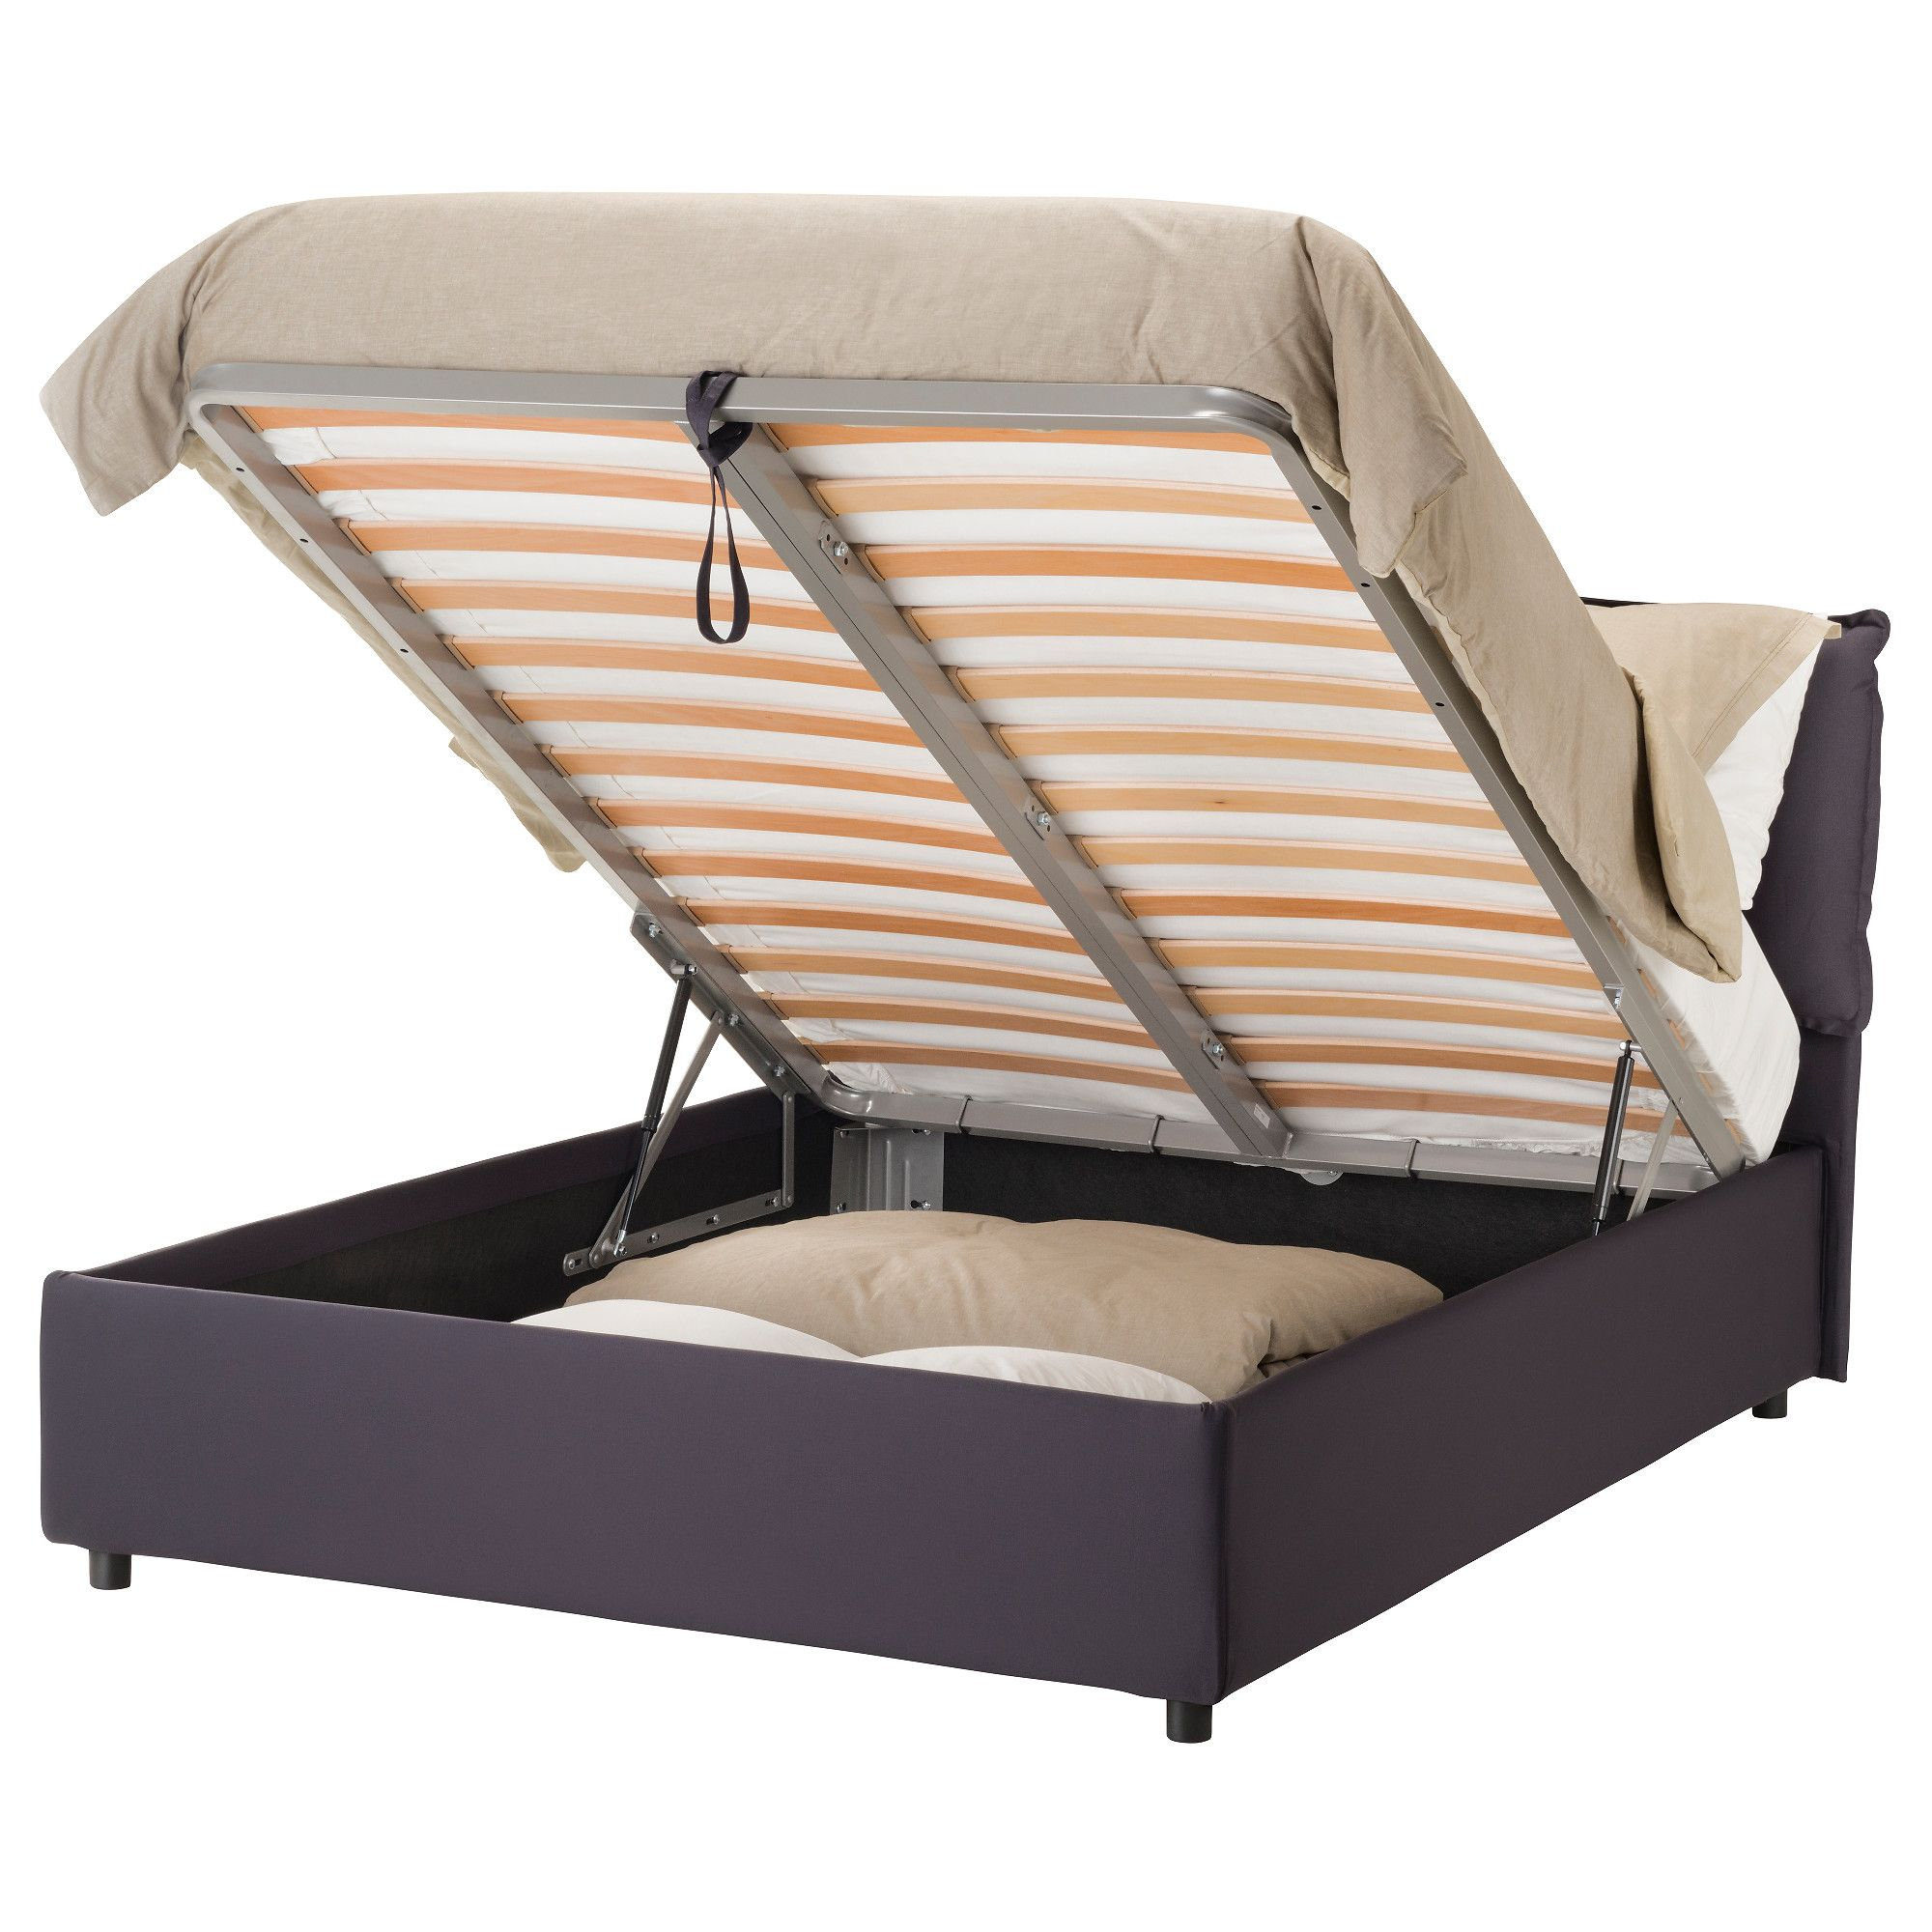 Come arredare una camera da letto piccola le idee salvaspazio immagine 672164 bigodino - Arredare camera da letto piccola ikea ...